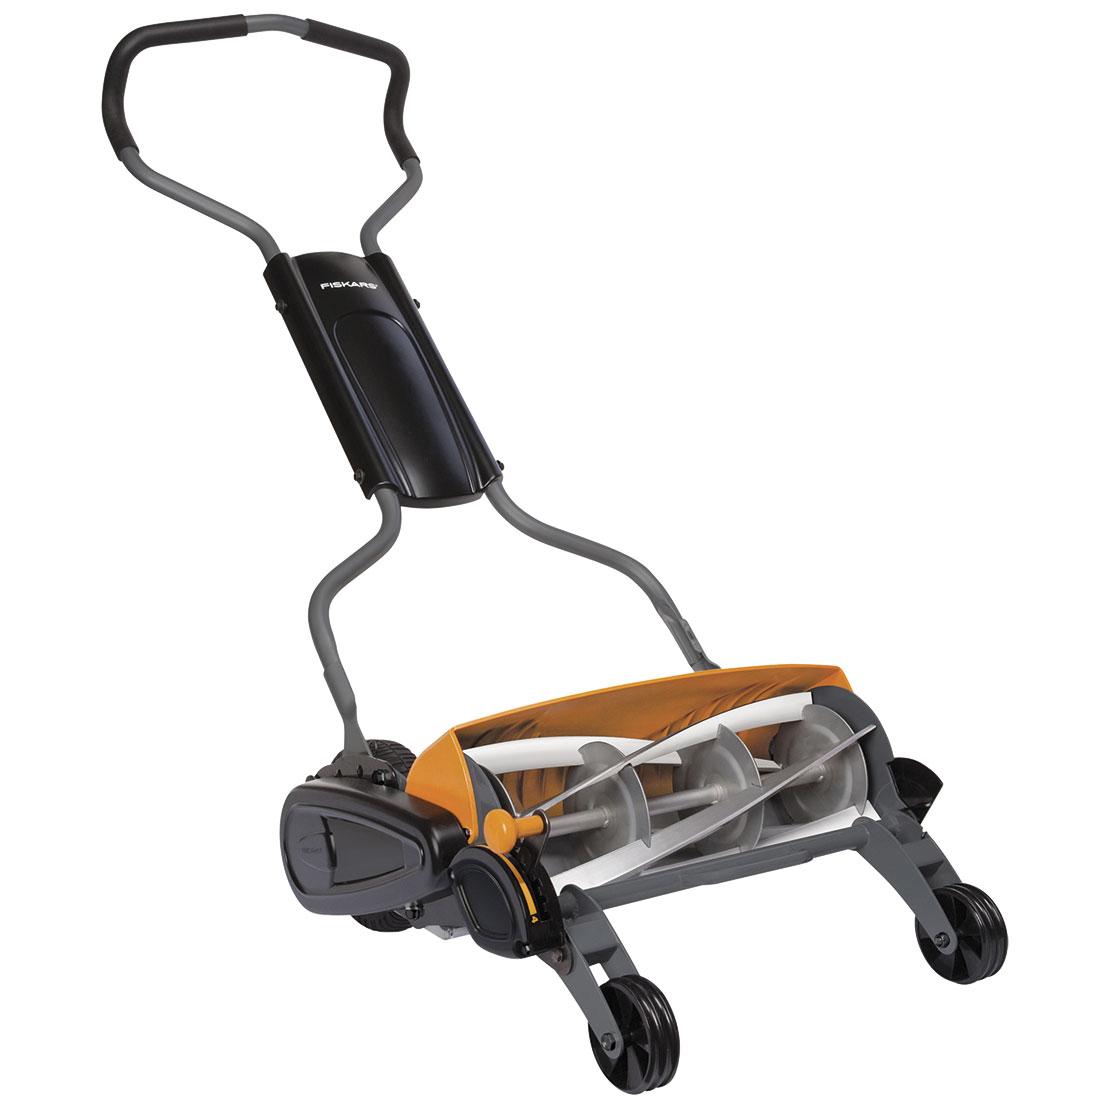 1000591-StaySharp-Max-Reel-Mower.jpg